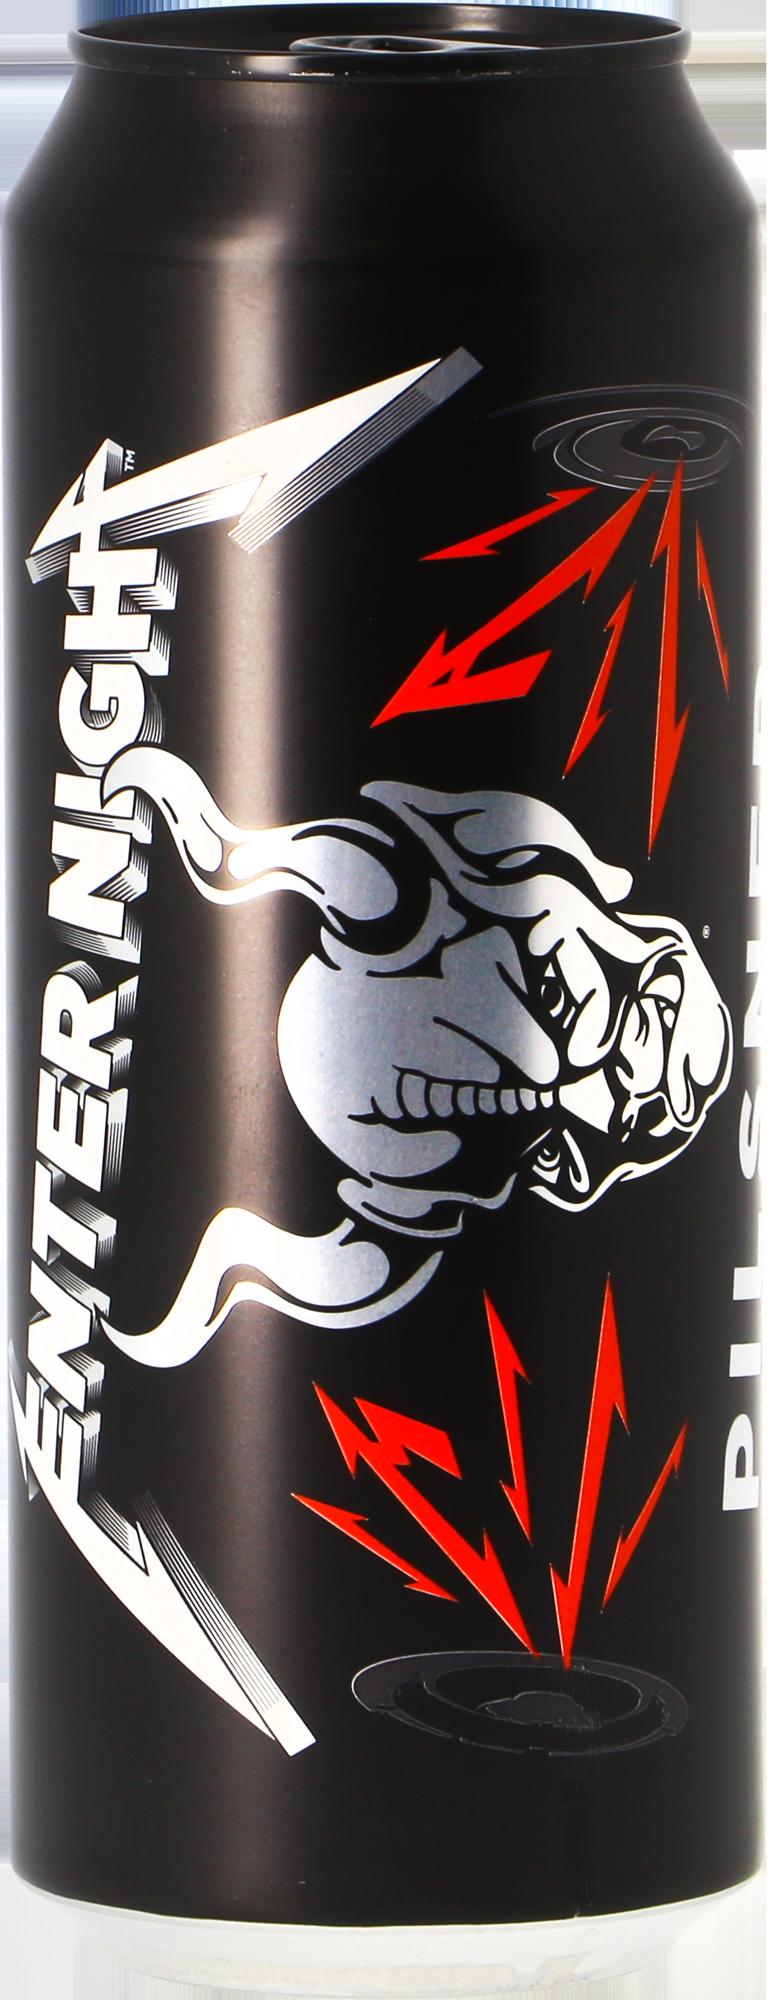 Stone x Metallica Enter Night